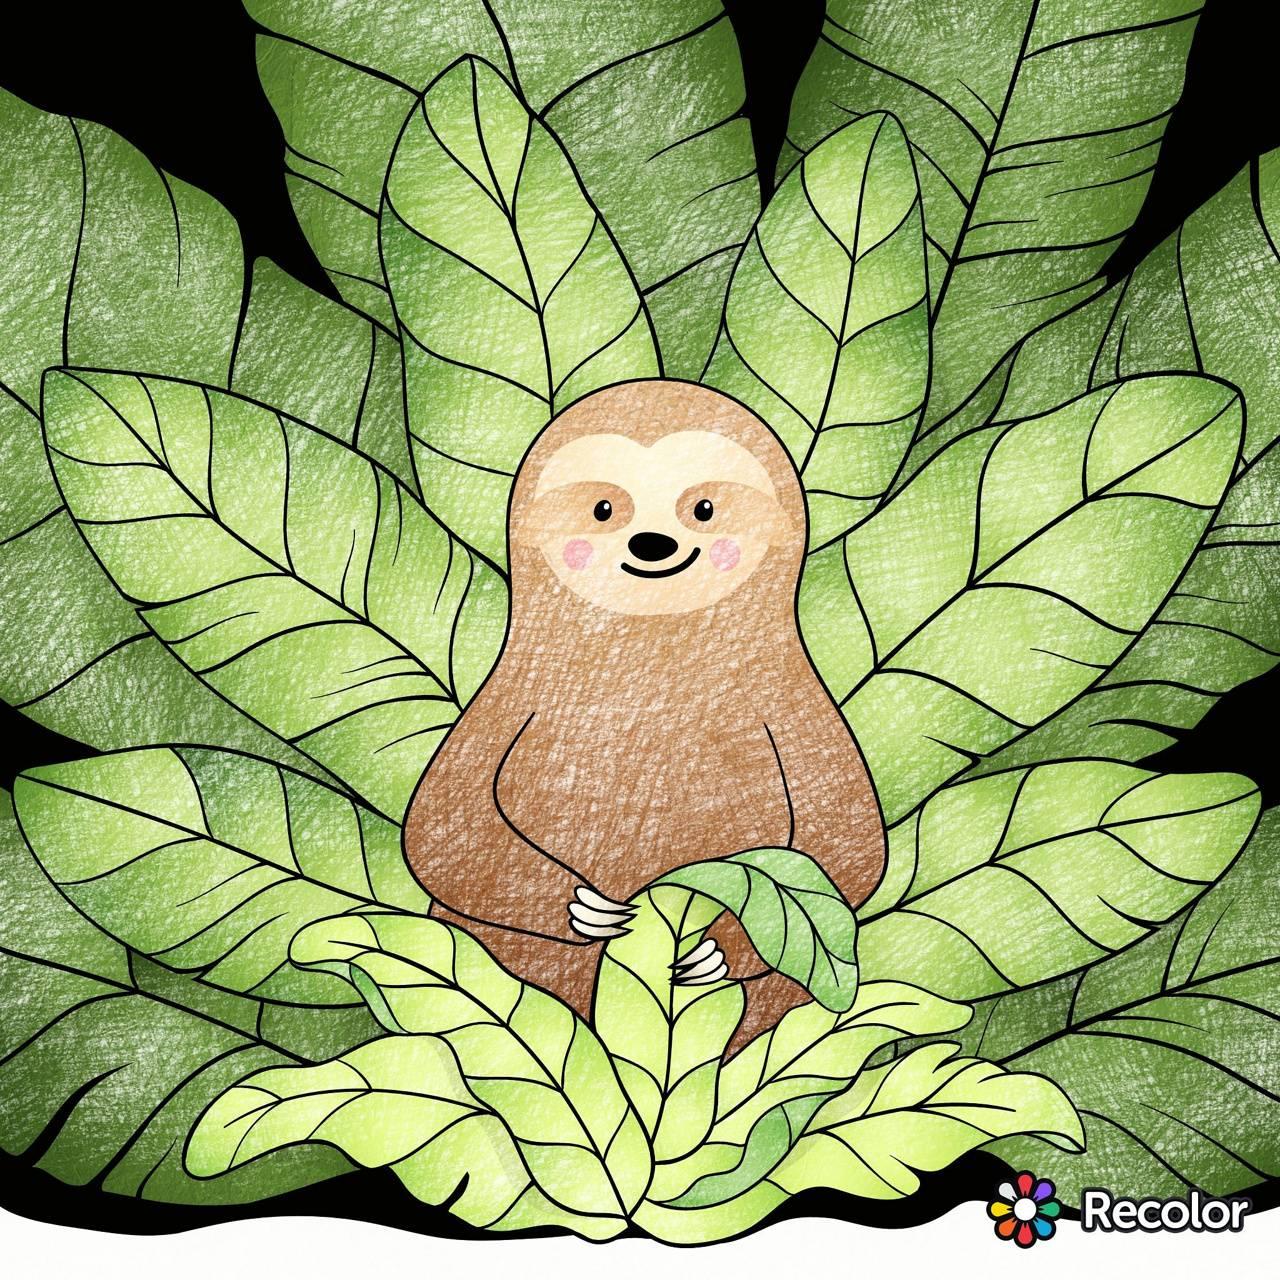 Cutie Sloth